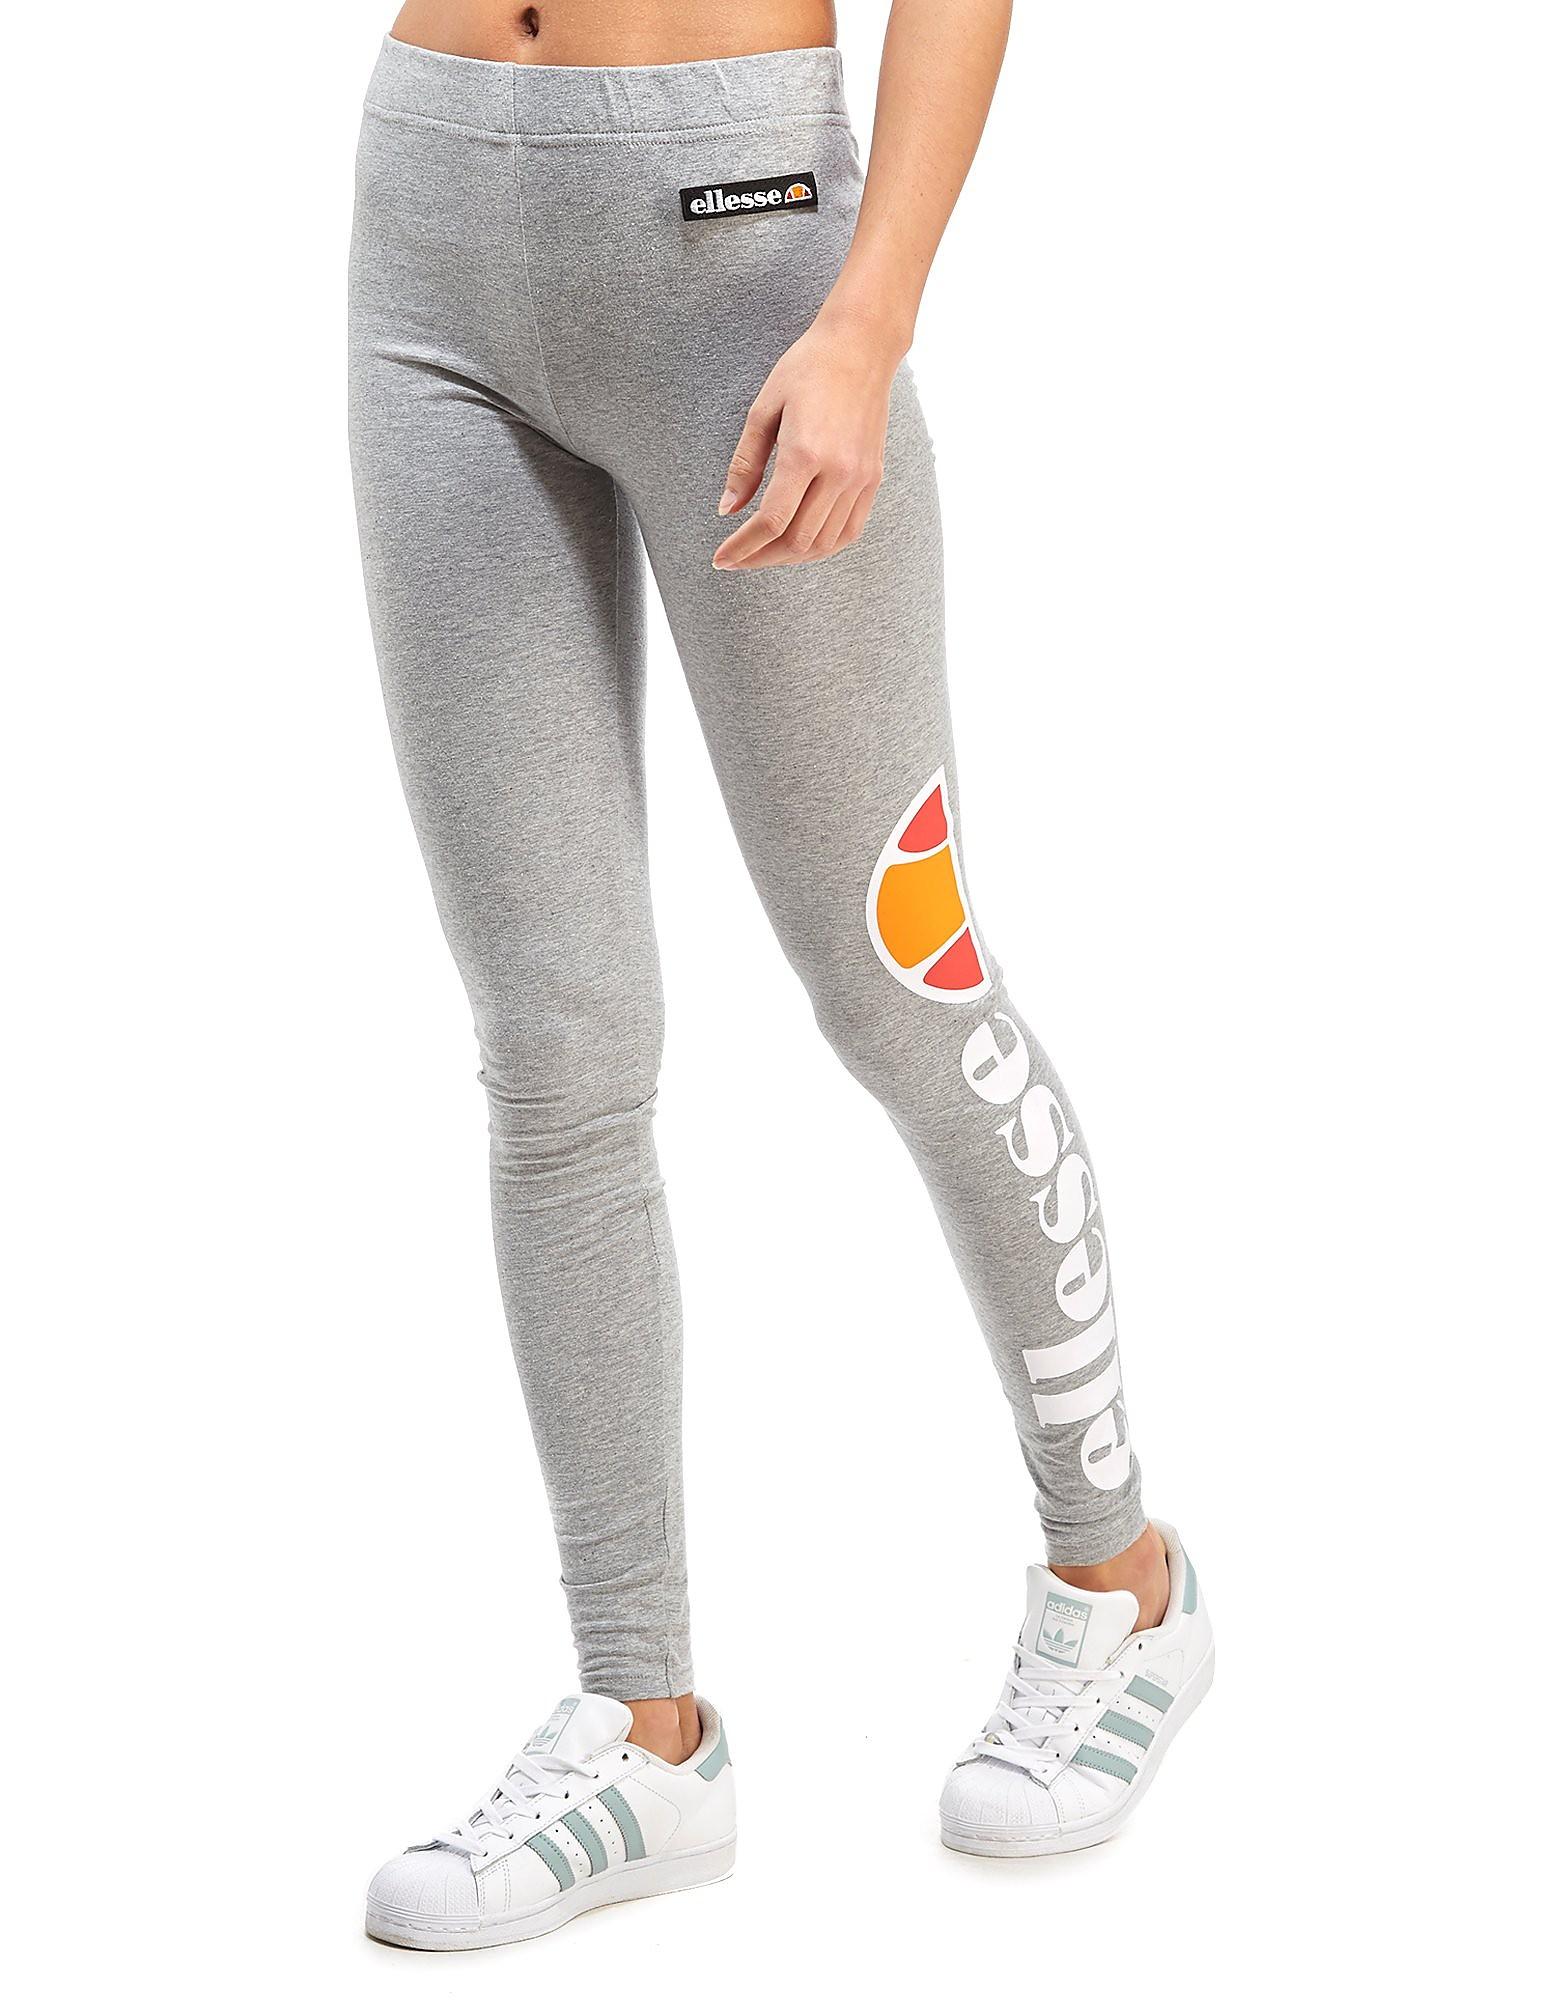 Ellesse Trevalli 2-legging